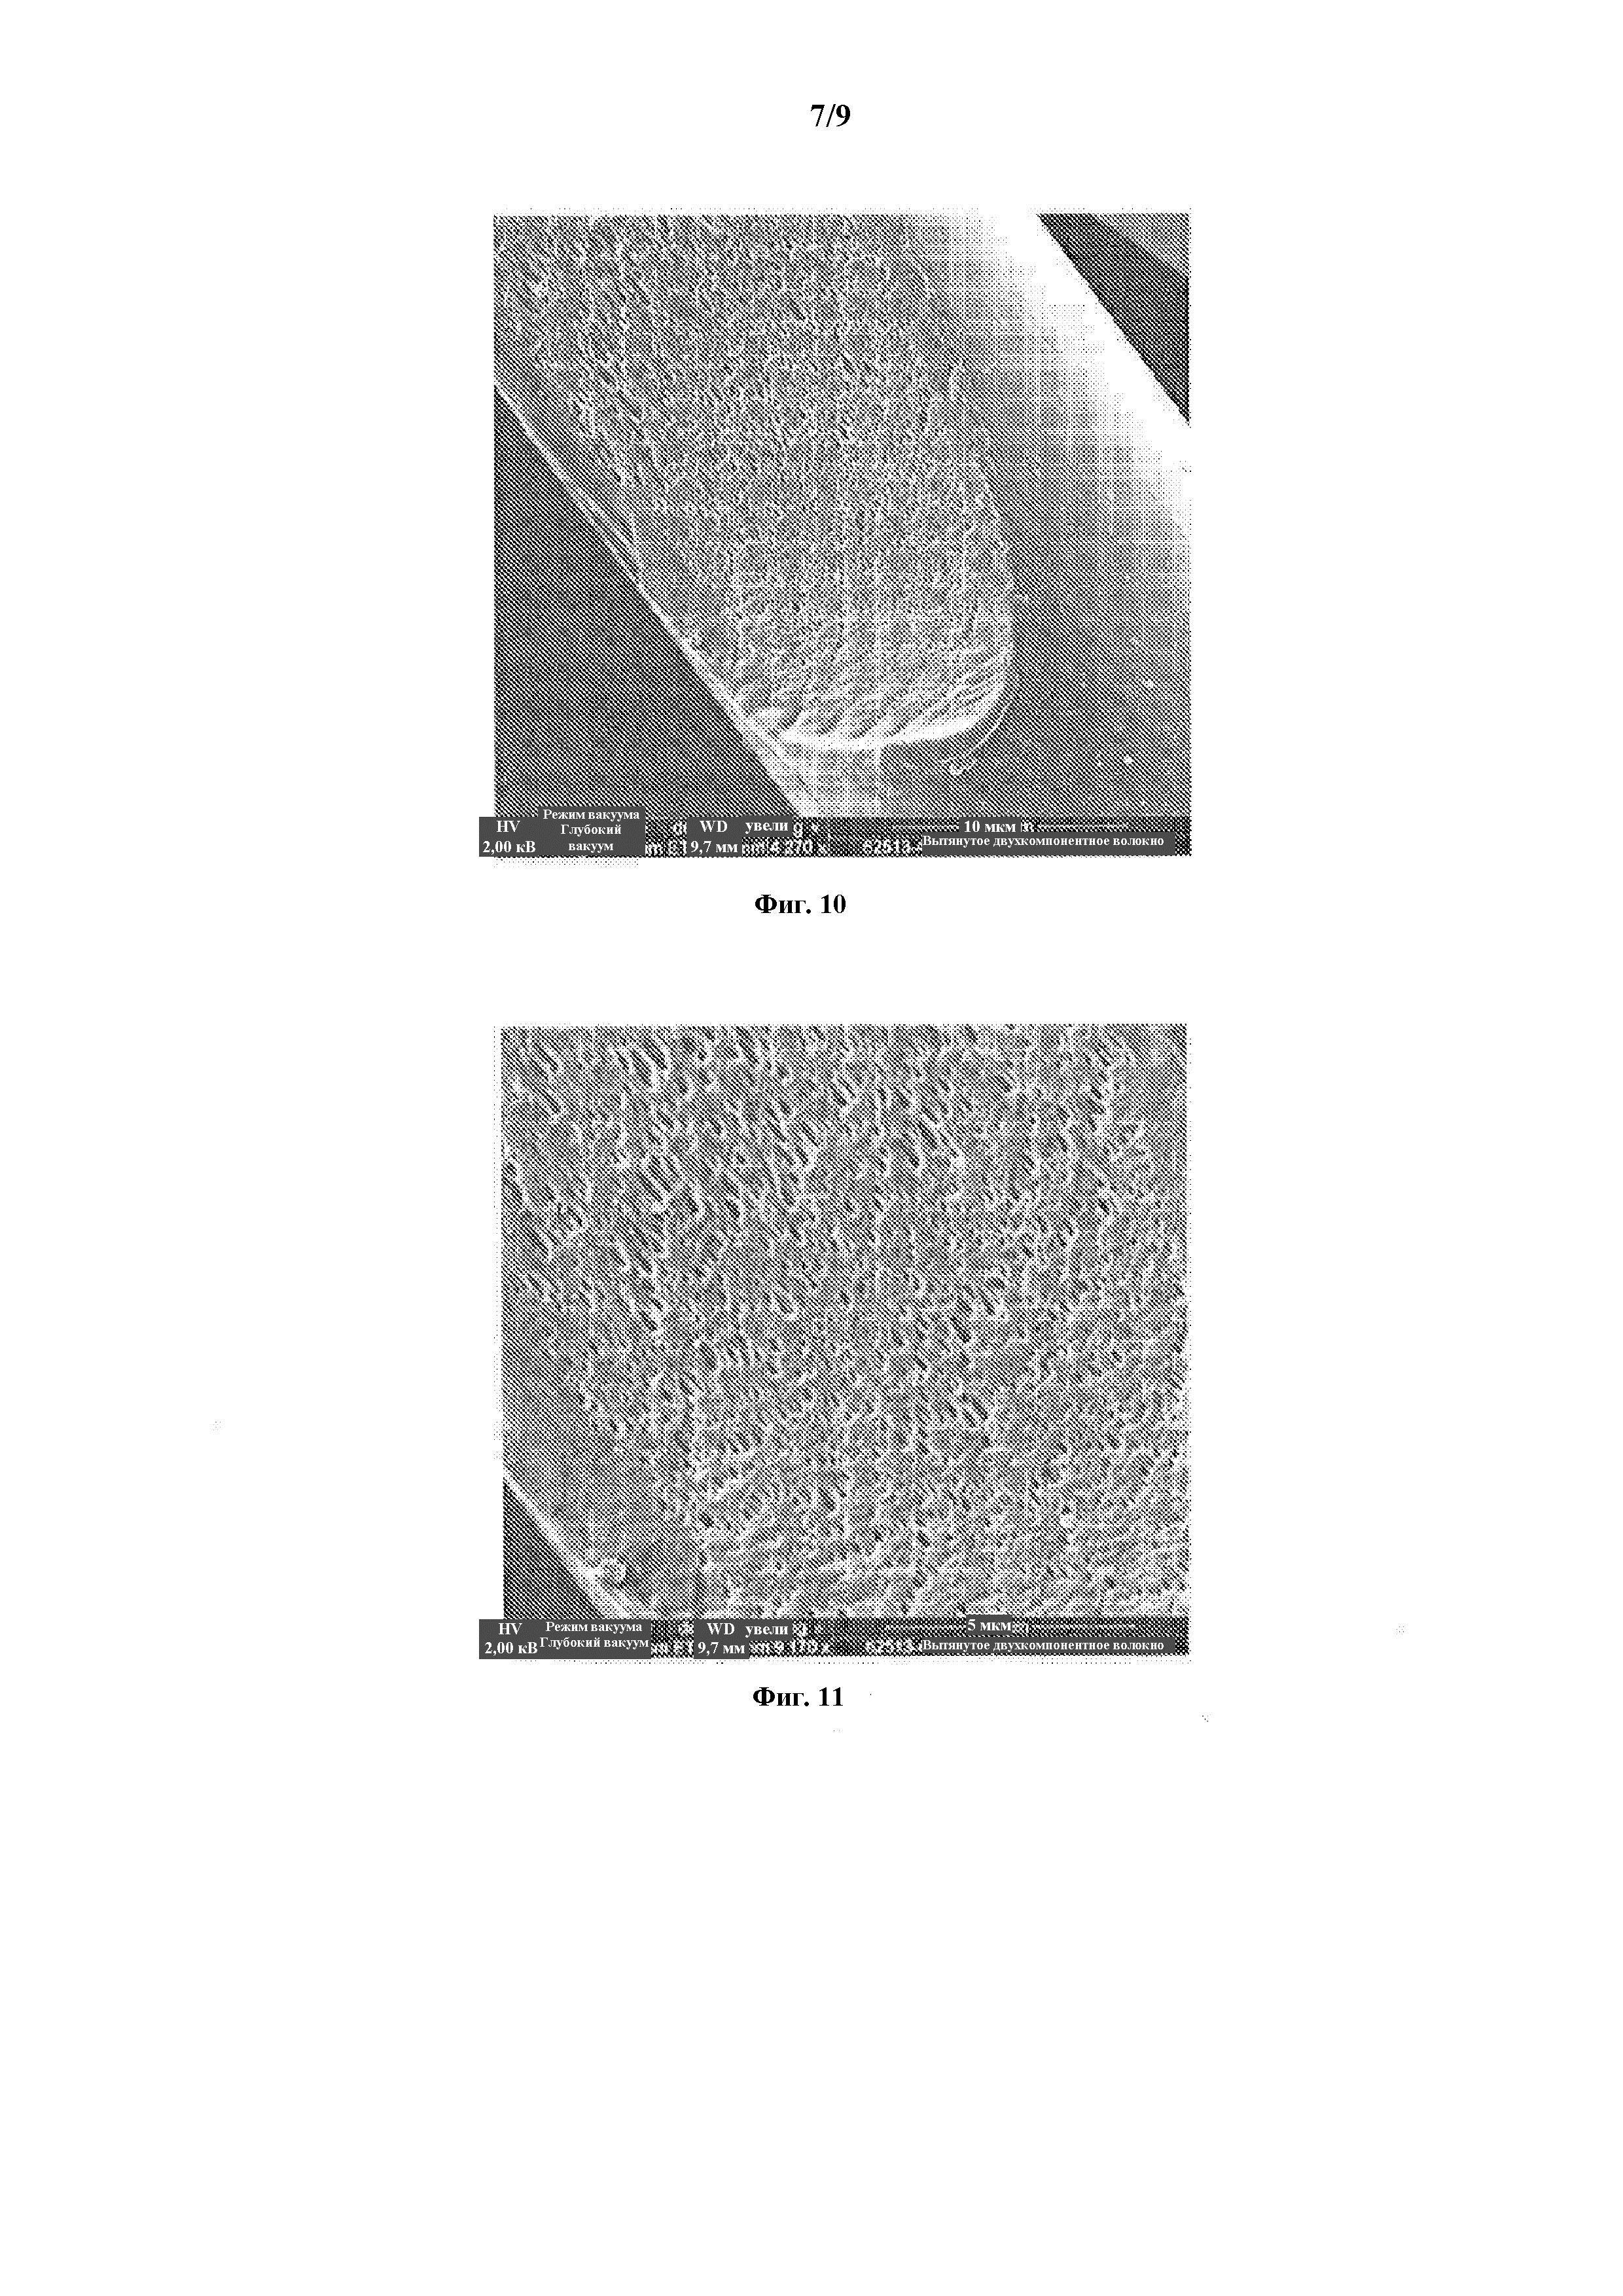 Впитывающее изделие, содержащее нетканое полотно, образованное из пористых полиолефиновых волокон